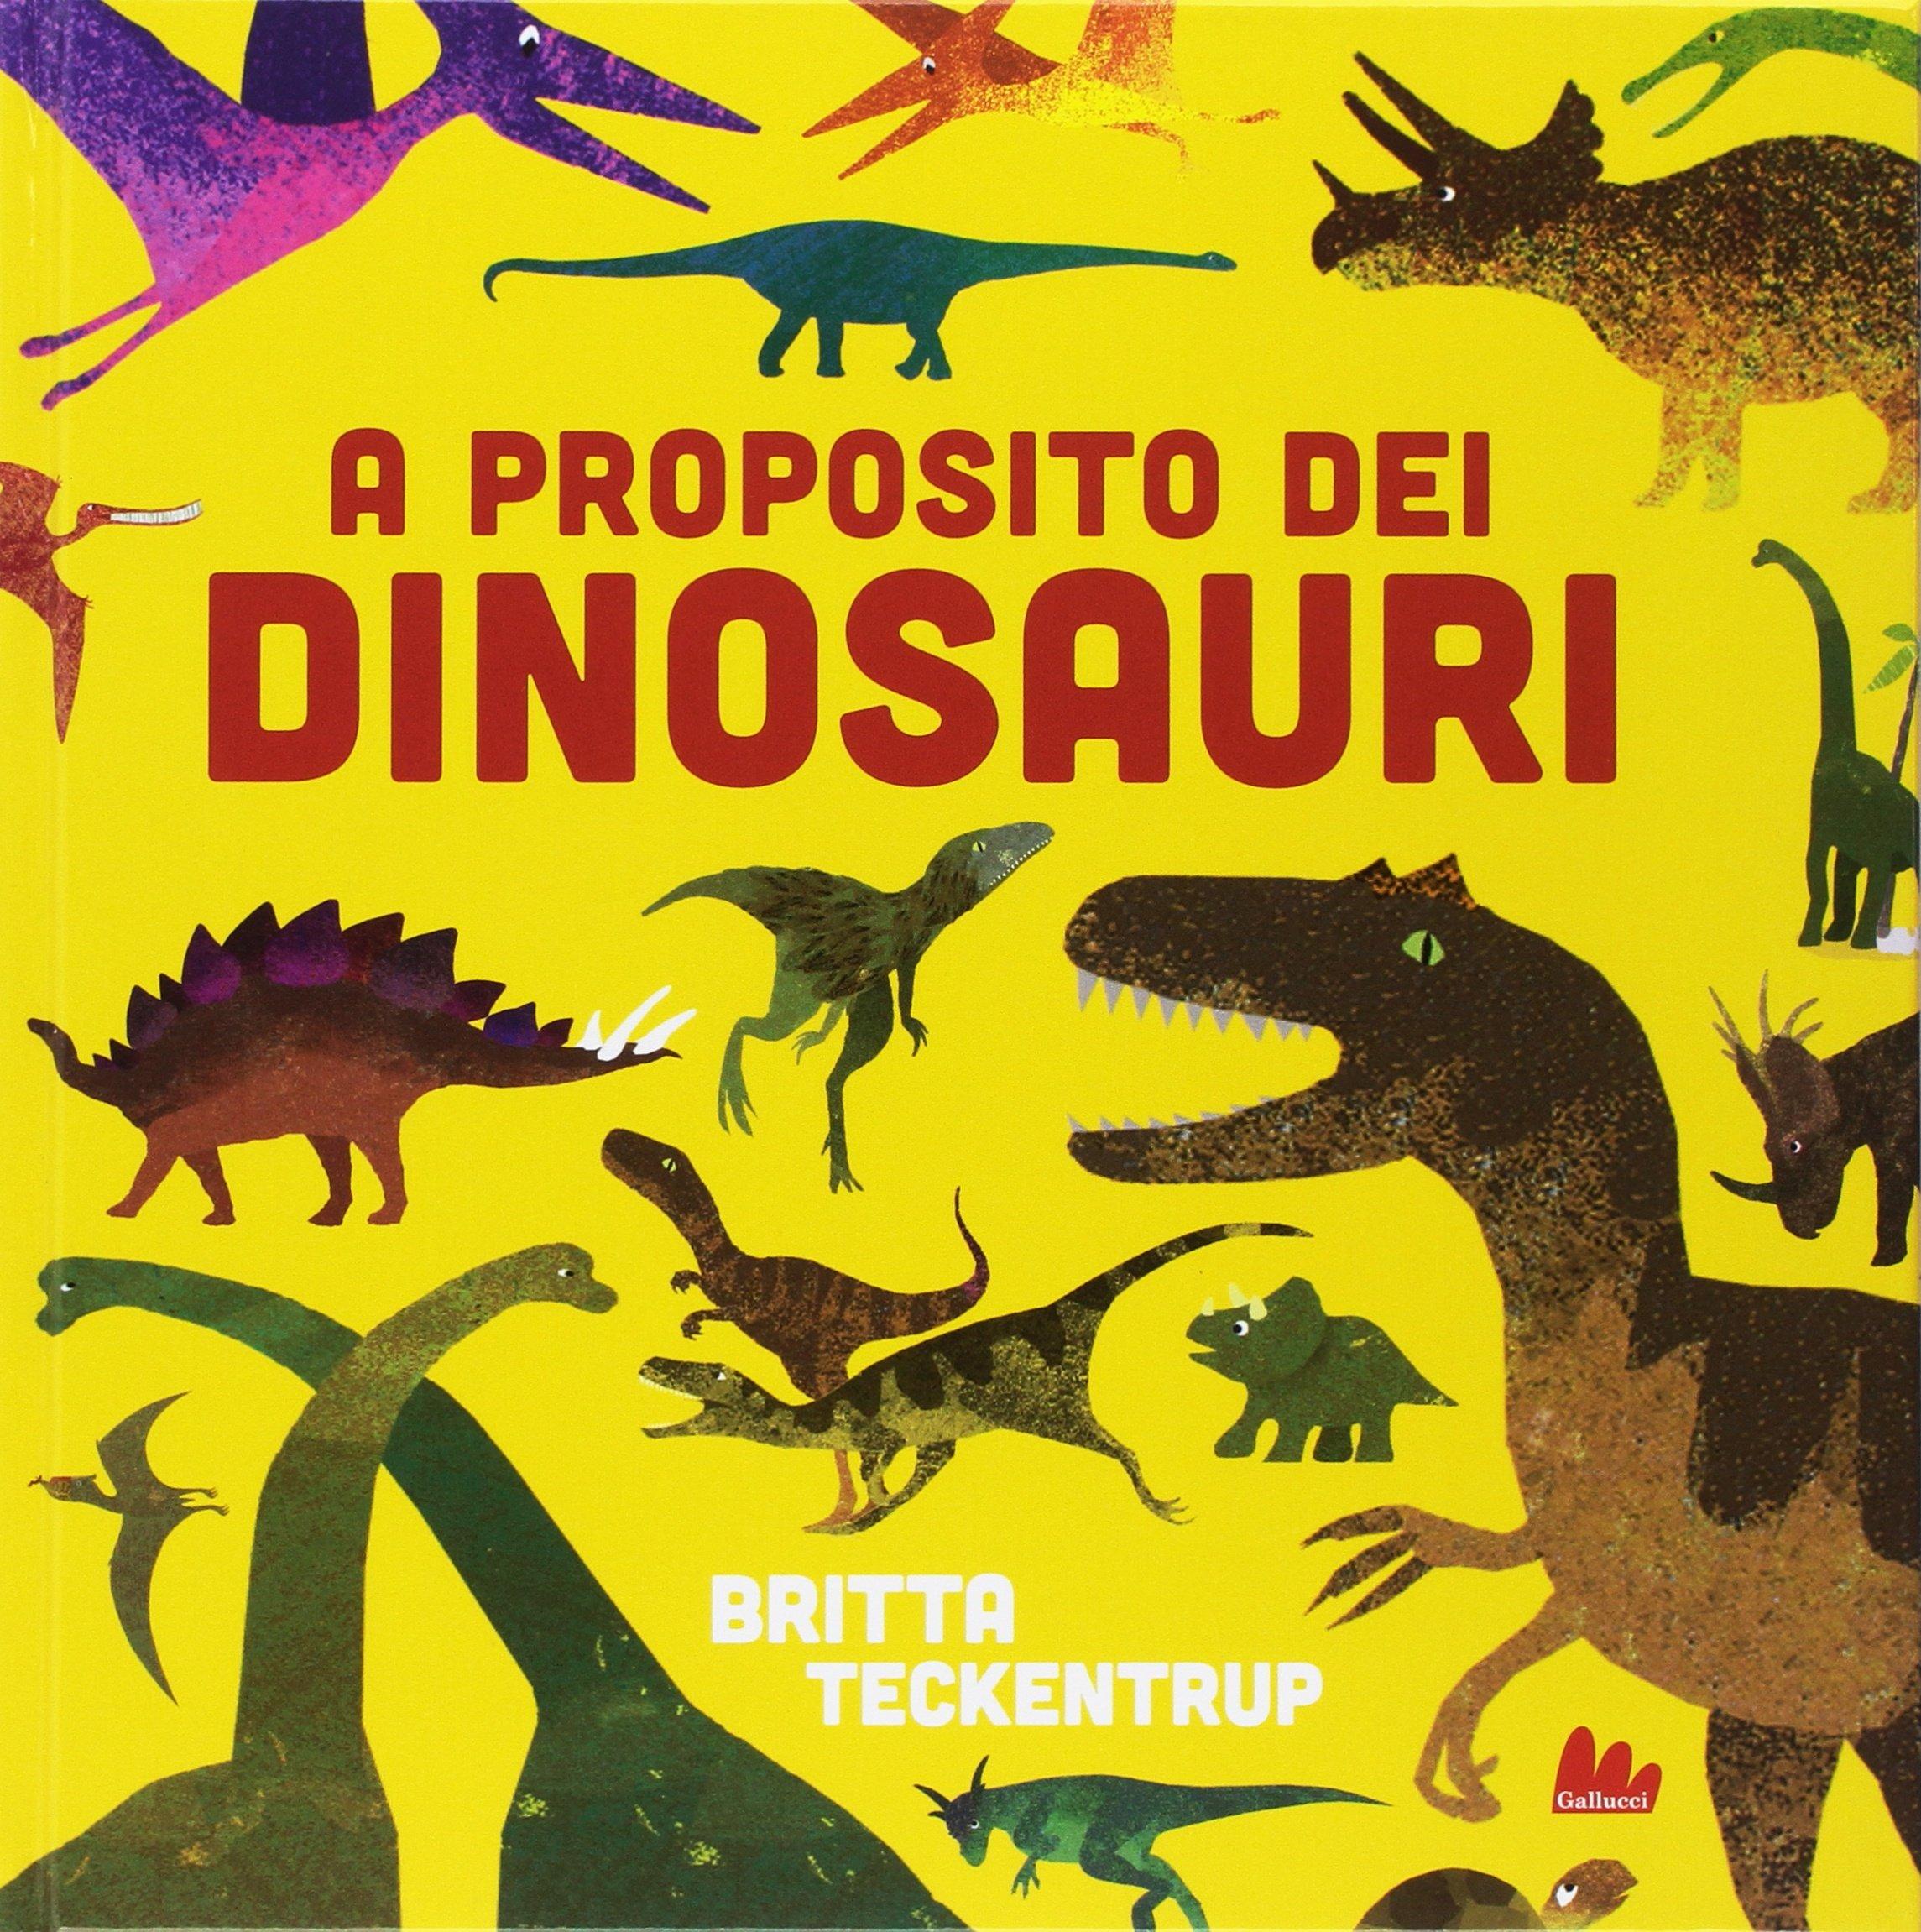 A proposito dei dinosauri, Teckentrup Britta, Gallucci, € 12.90, dai 5 anni